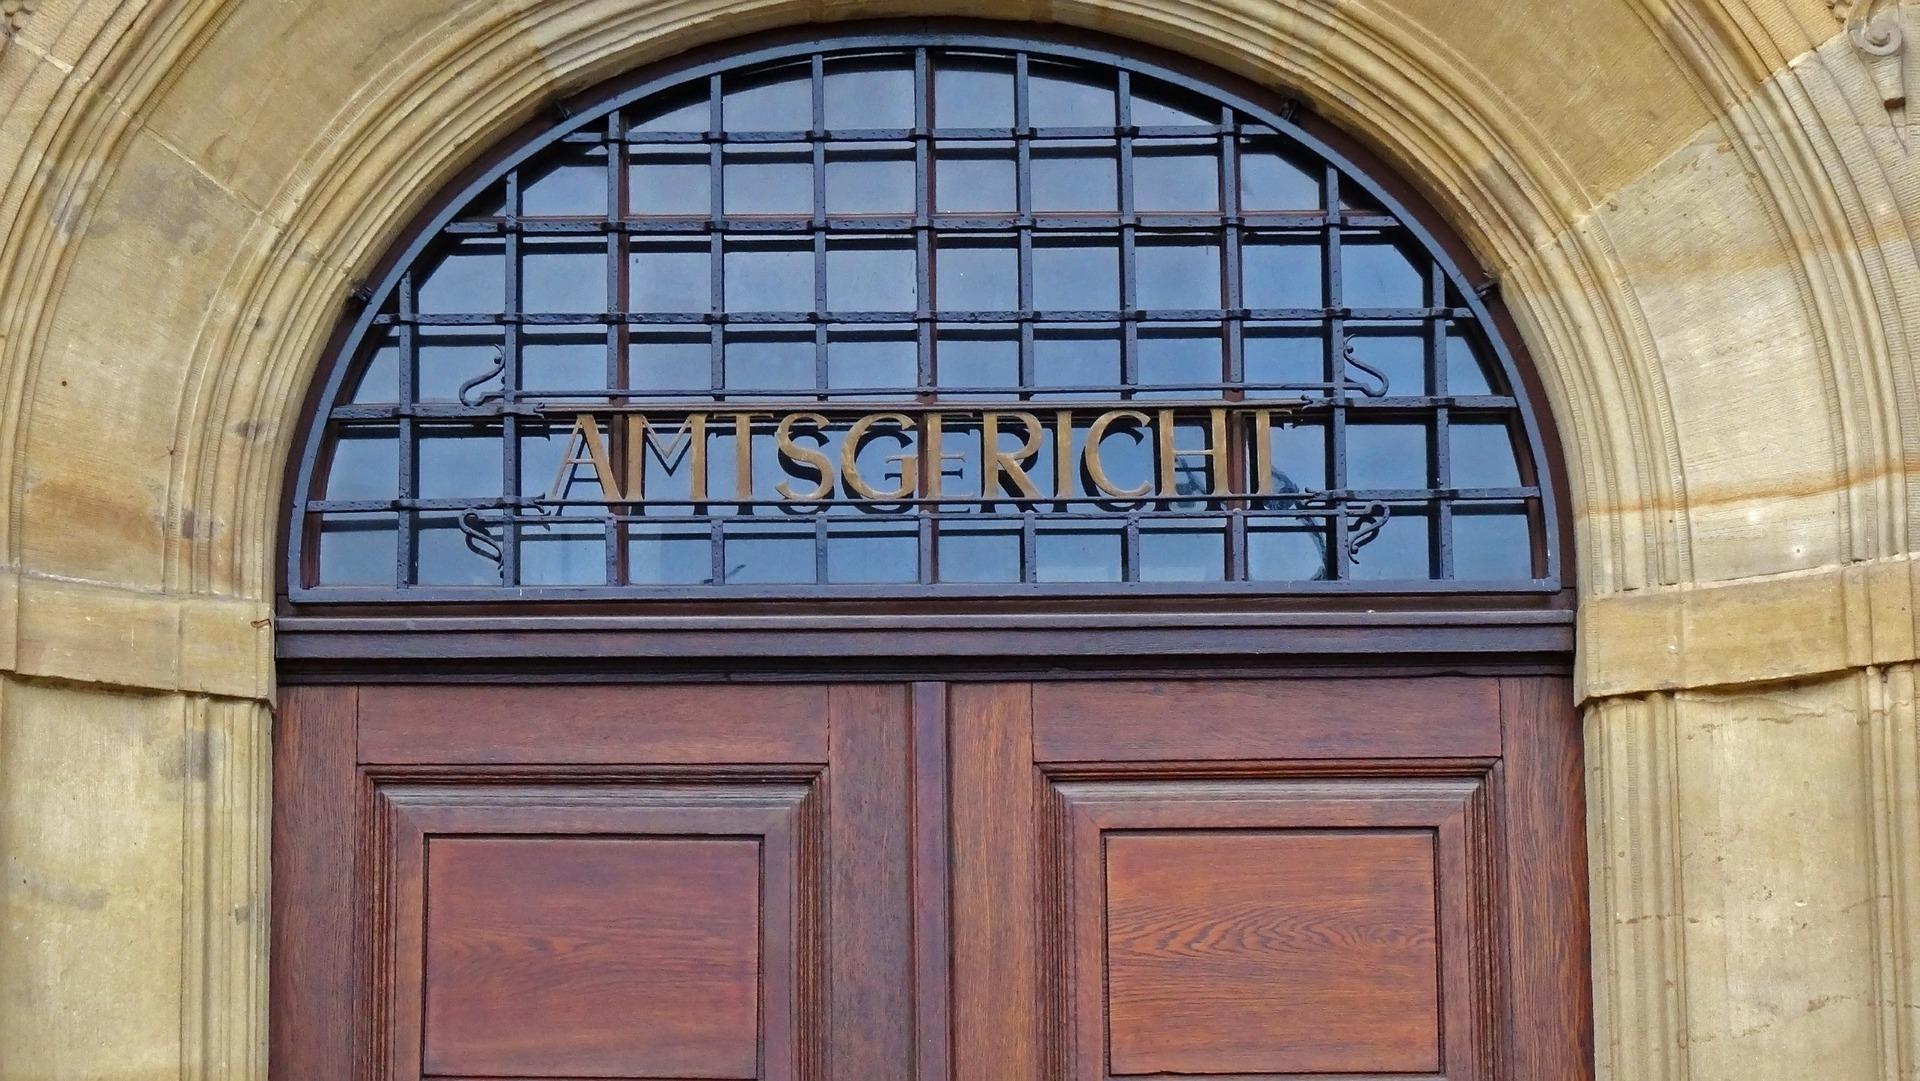 Rechtsmittelzulassung - und ihre Eingrenzung in den Entscheidungsgründen